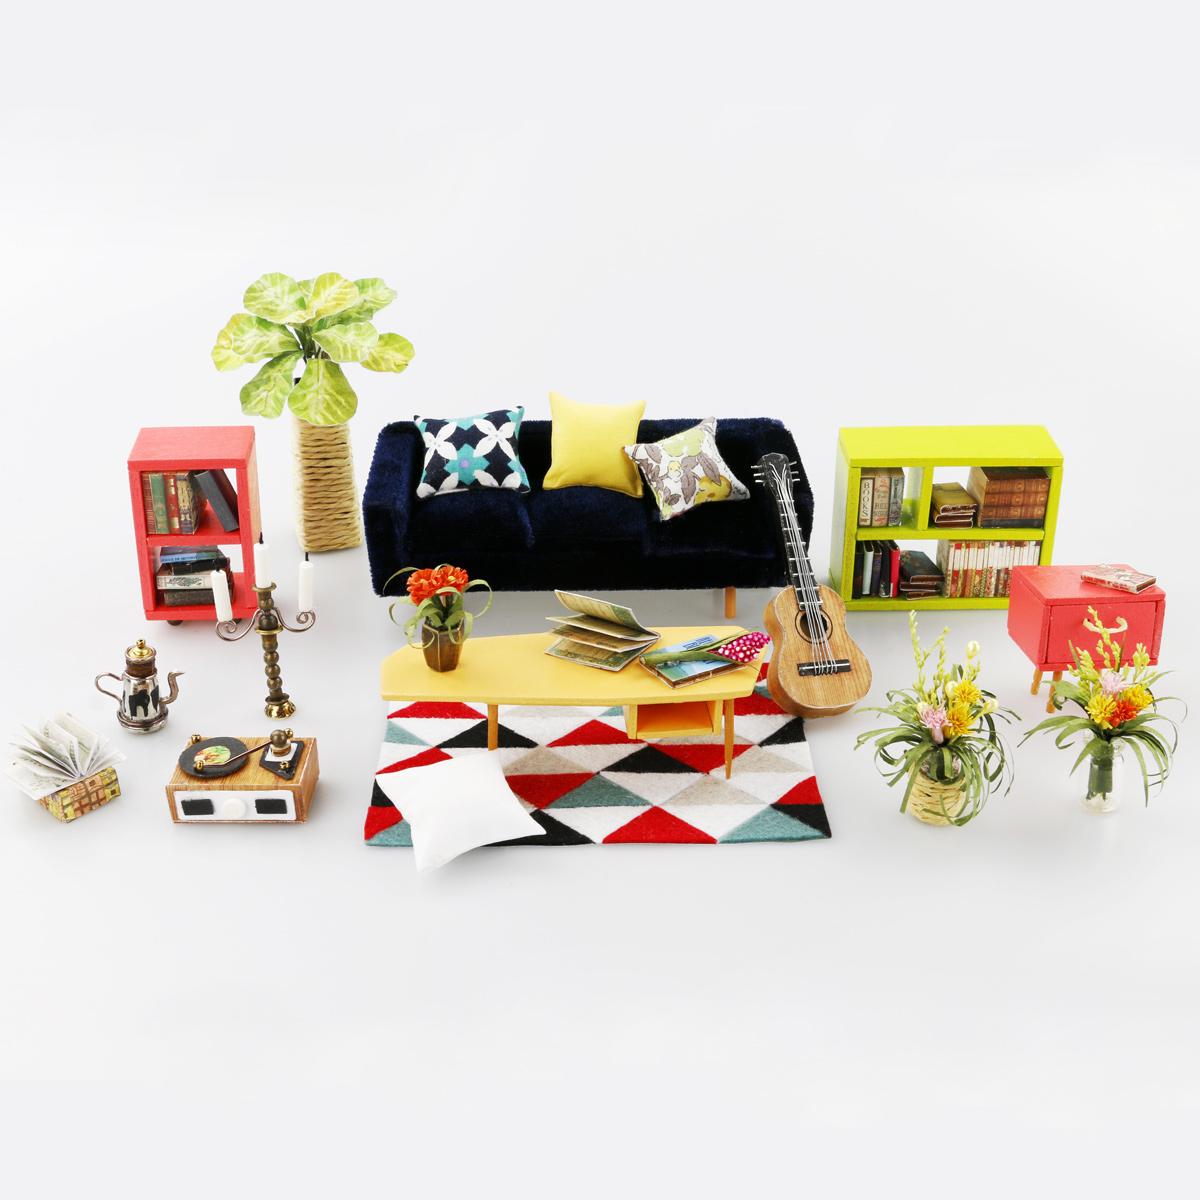 Locus's Sitting Room DG106